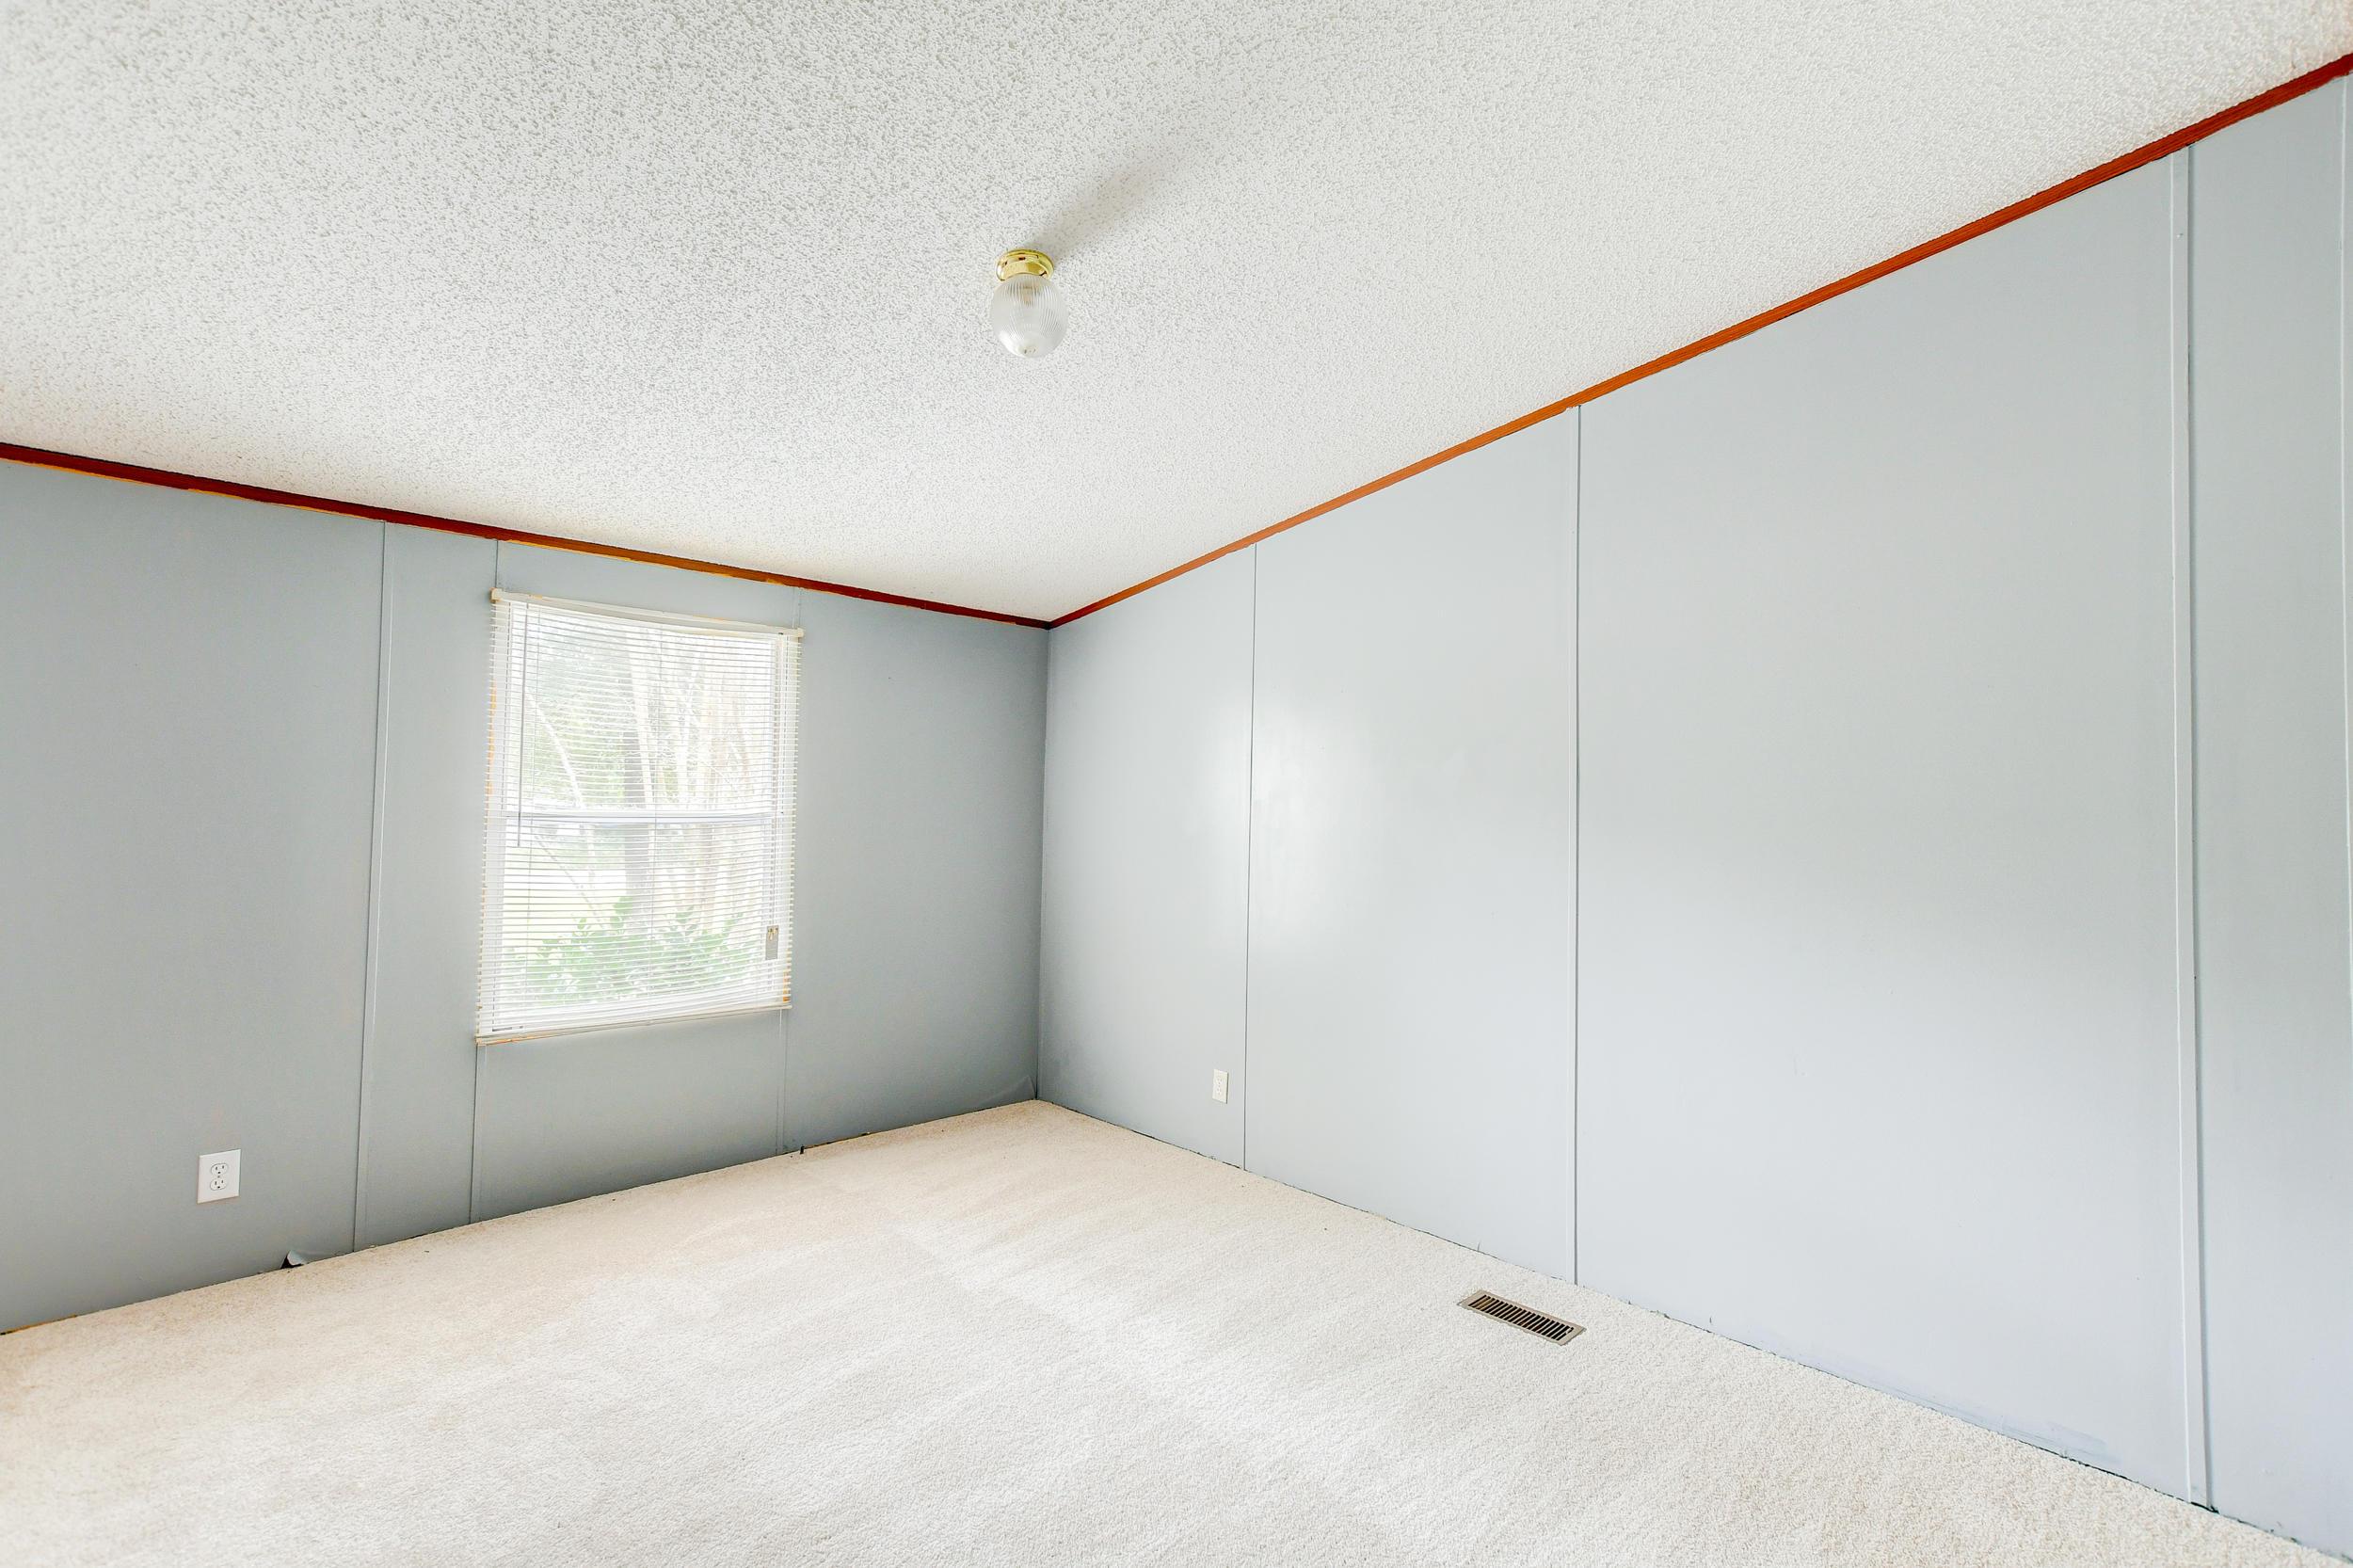 Clemson Terrace Homes For Sale - 123 Colkitt, Summerville, SC - 19